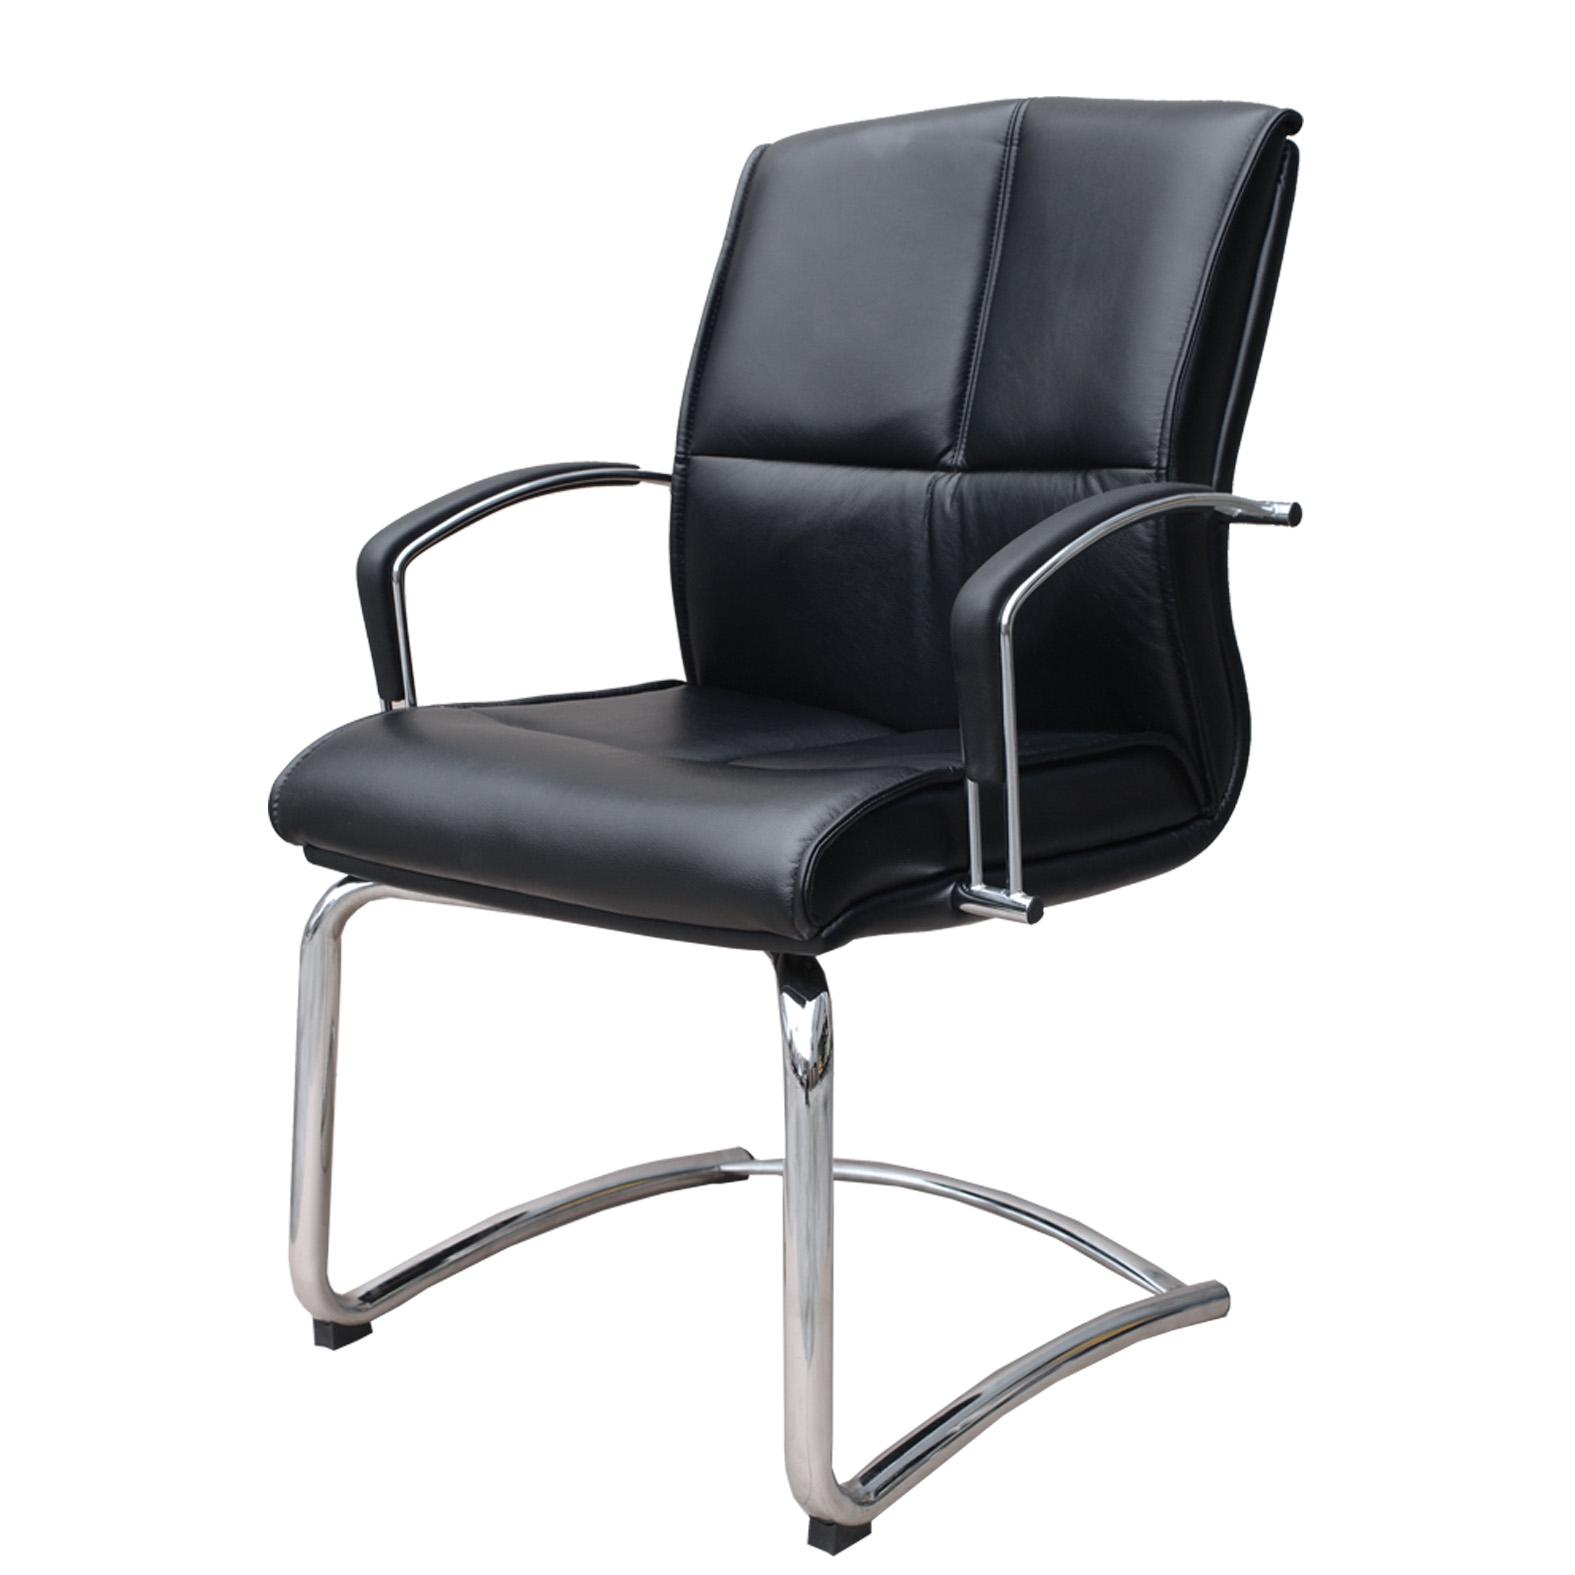 silla de visita 93 grupo meta soluciones de limpieza